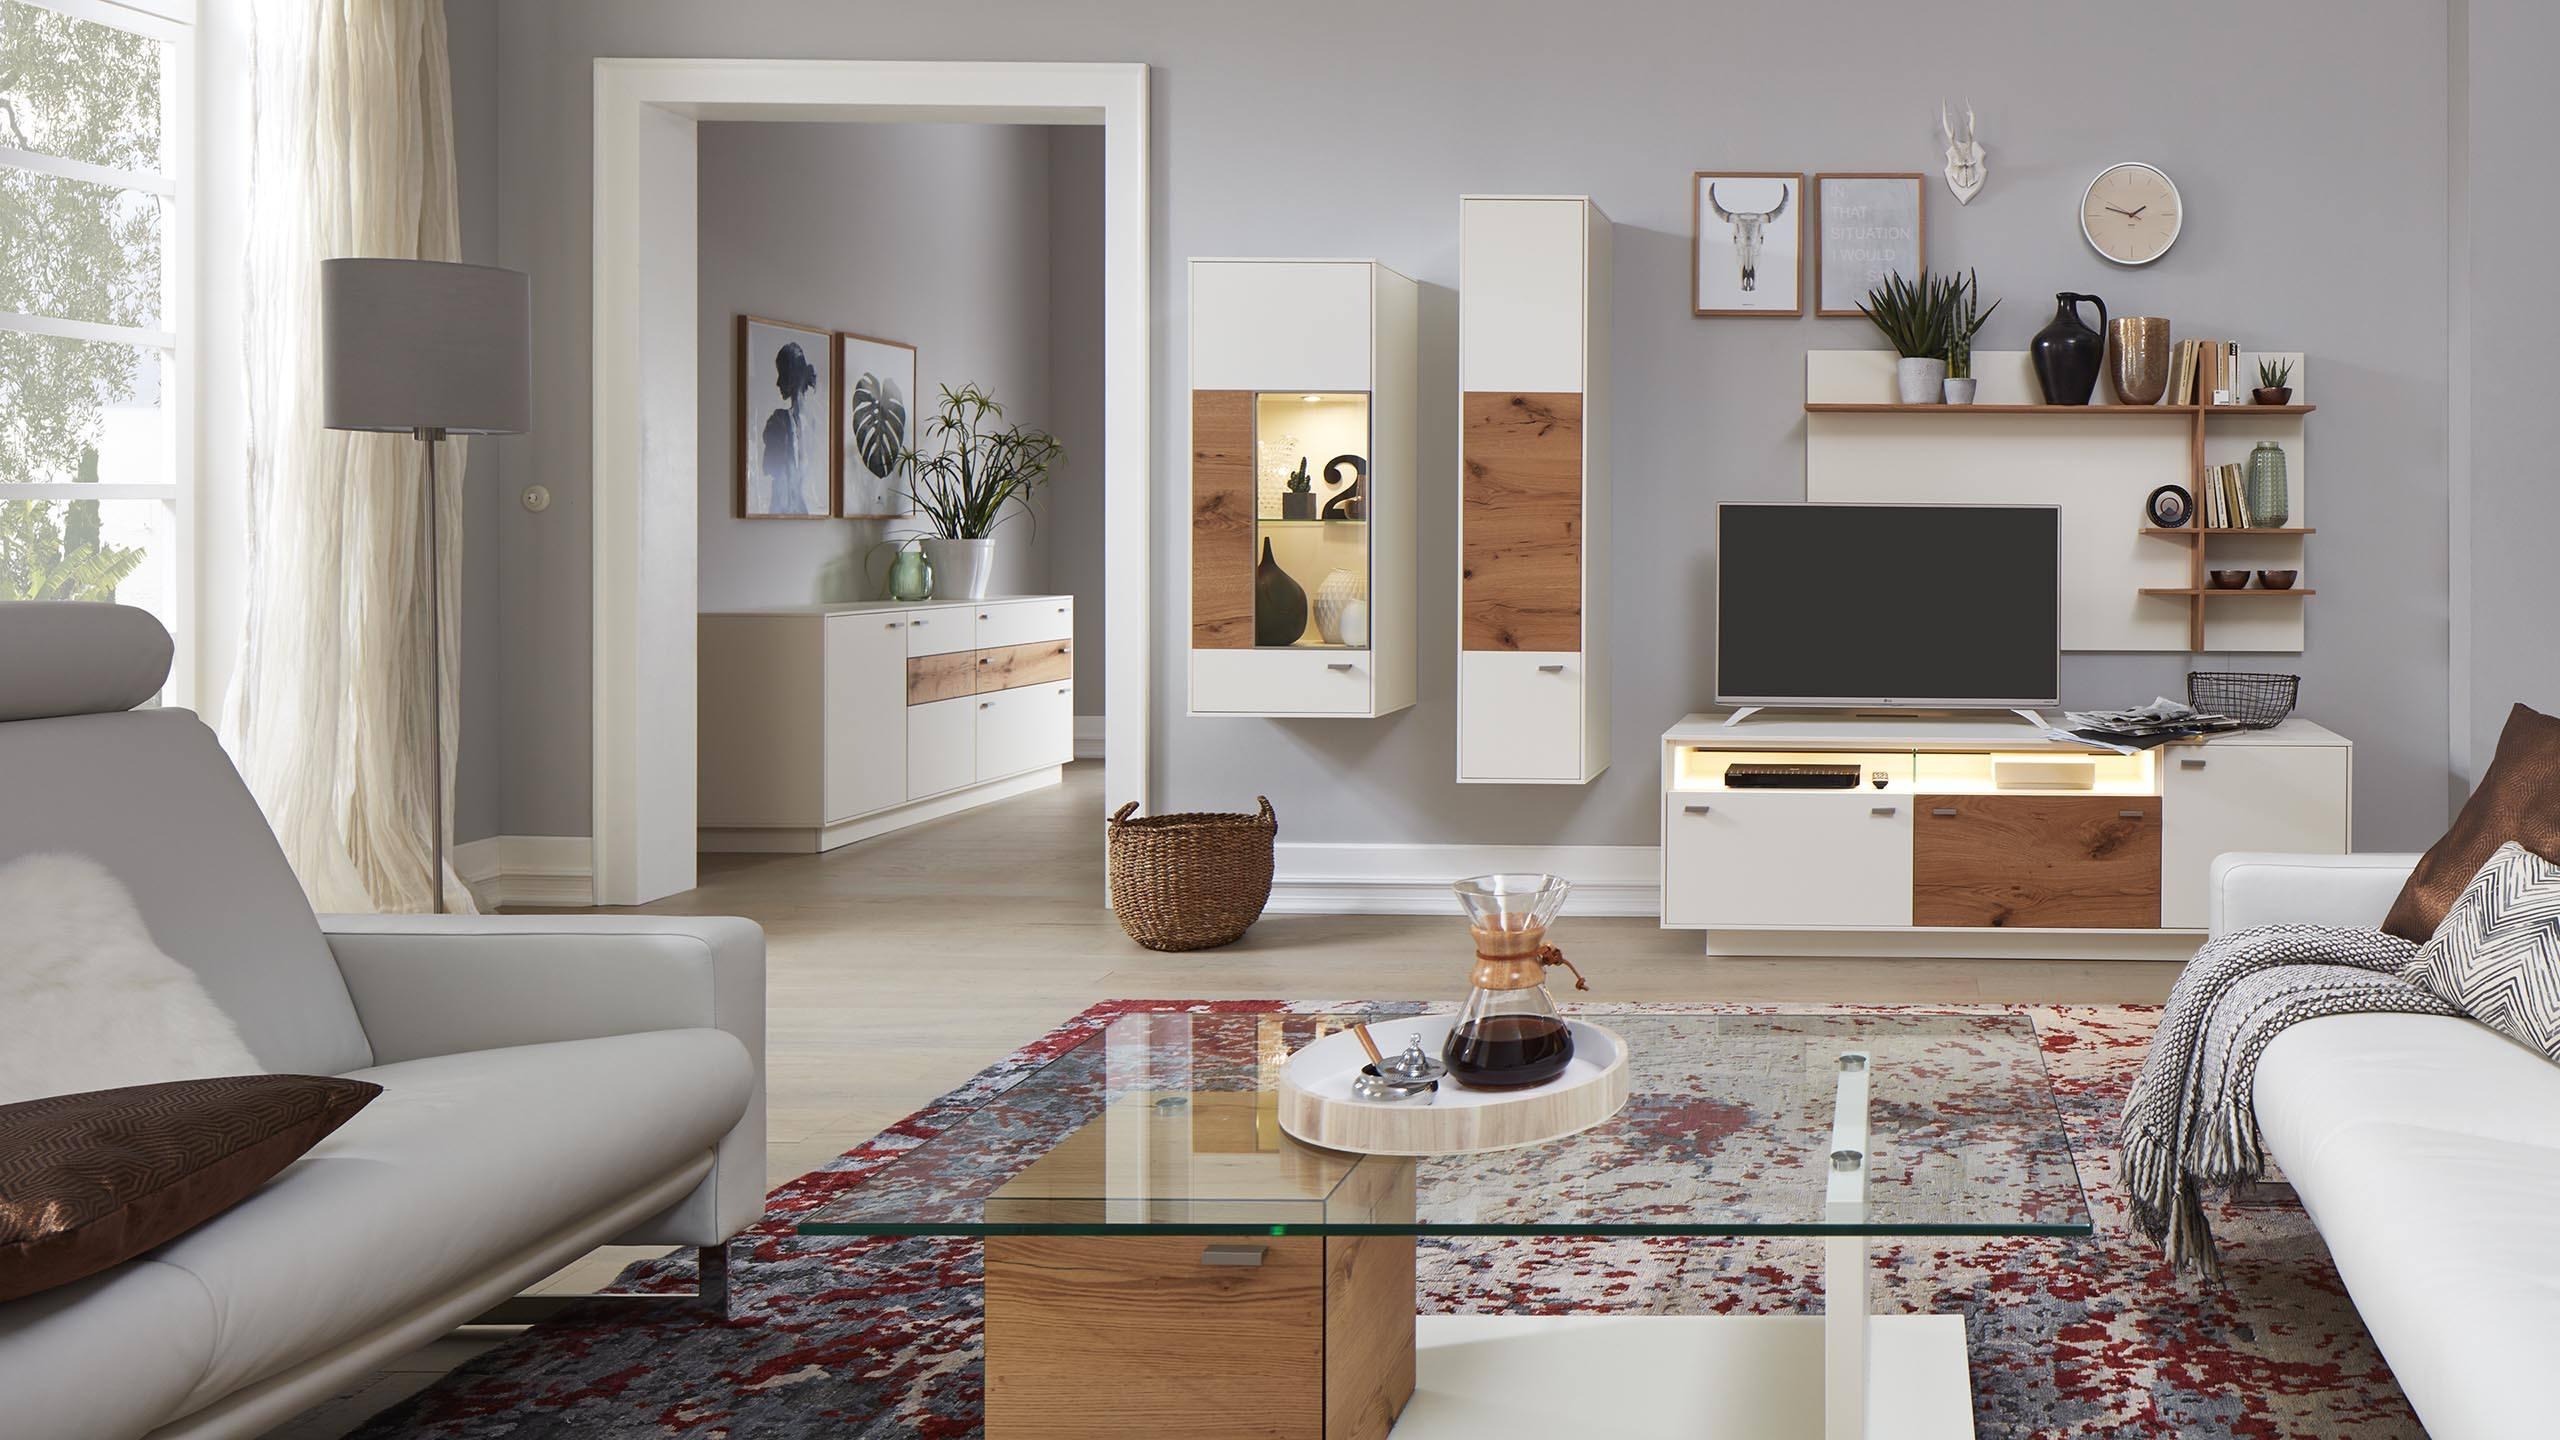 interliving wohnzimmer serie 2101 wohnwand 5 jahre garantie m bel schaumann. Black Bedroom Furniture Sets. Home Design Ideas